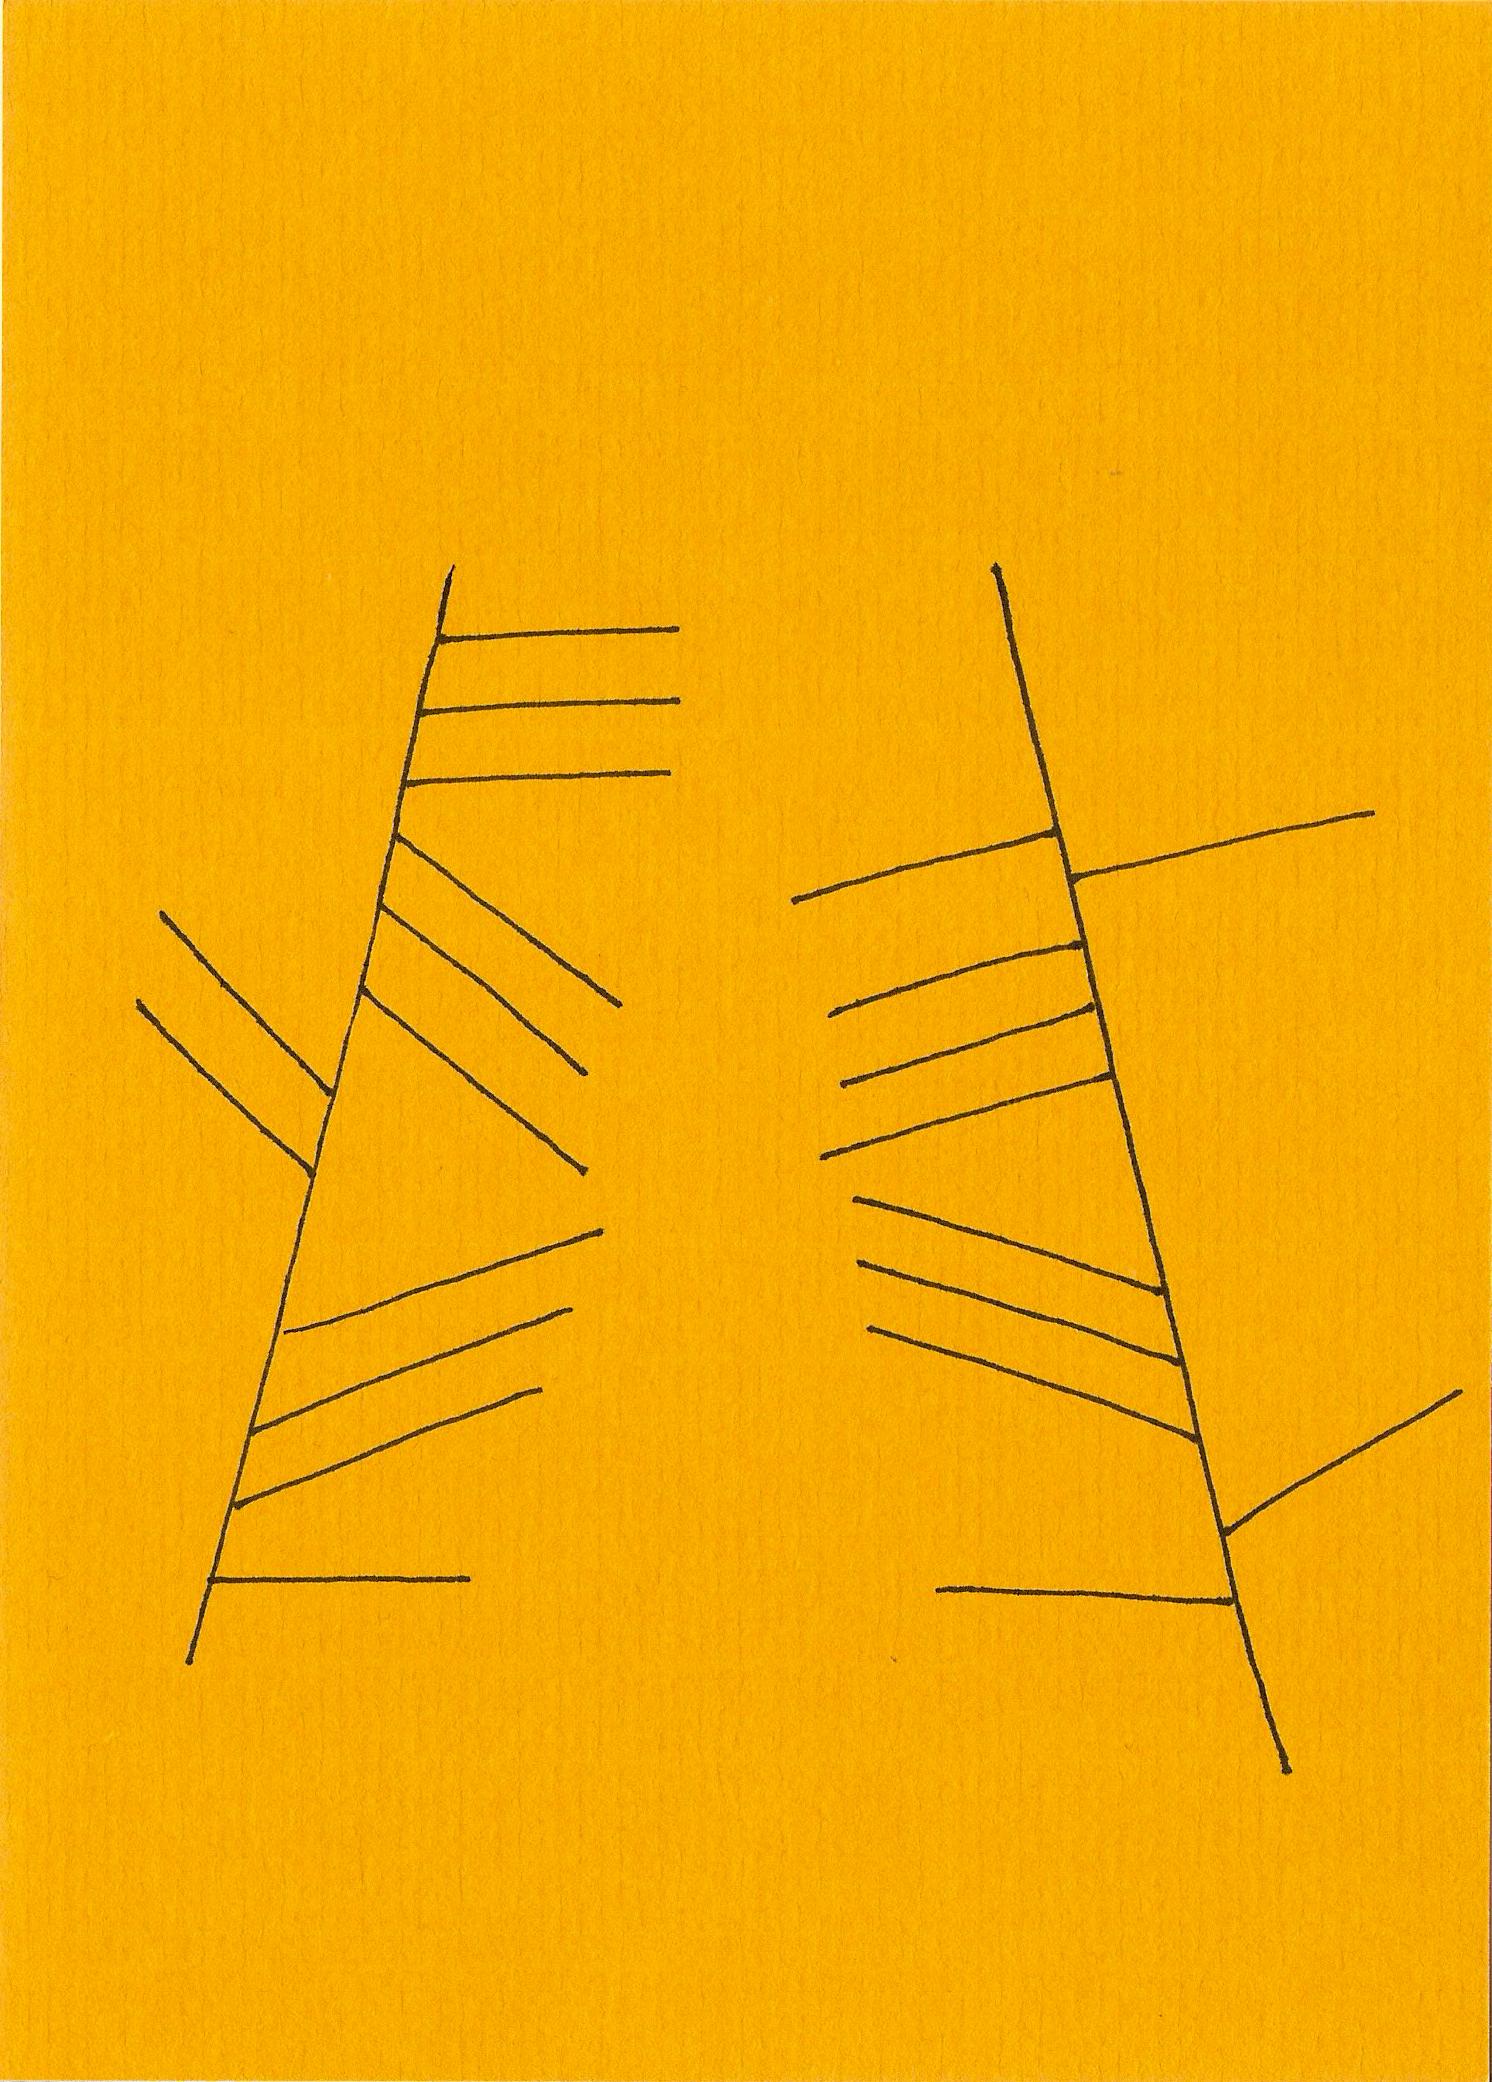 yellow stacks1.jpg